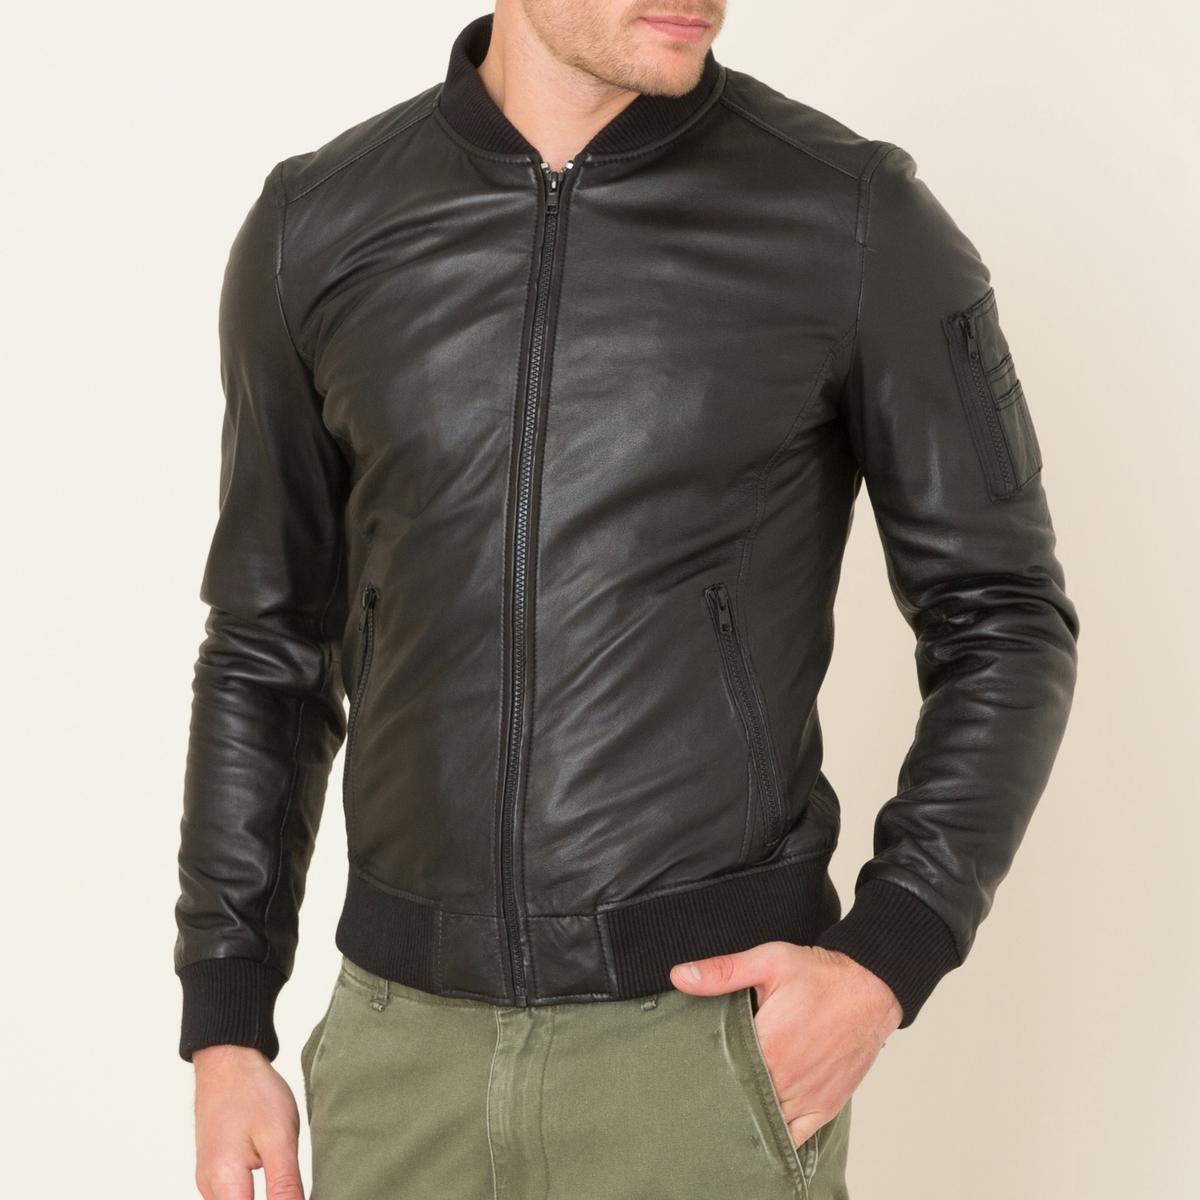 Кожаная курткаСостав и описаниеМатериал: баранья кожа.Трикотаж в рубчик: 98% хлопка, 2% эластанаПодкладка и наполнитель 100% полиэстер ? подкладки из сетчатого материала: 100% нейлонДлина: ок. 67 см. (для размера 36)Марка: OAKWOOD<br><br>Цвет: черный